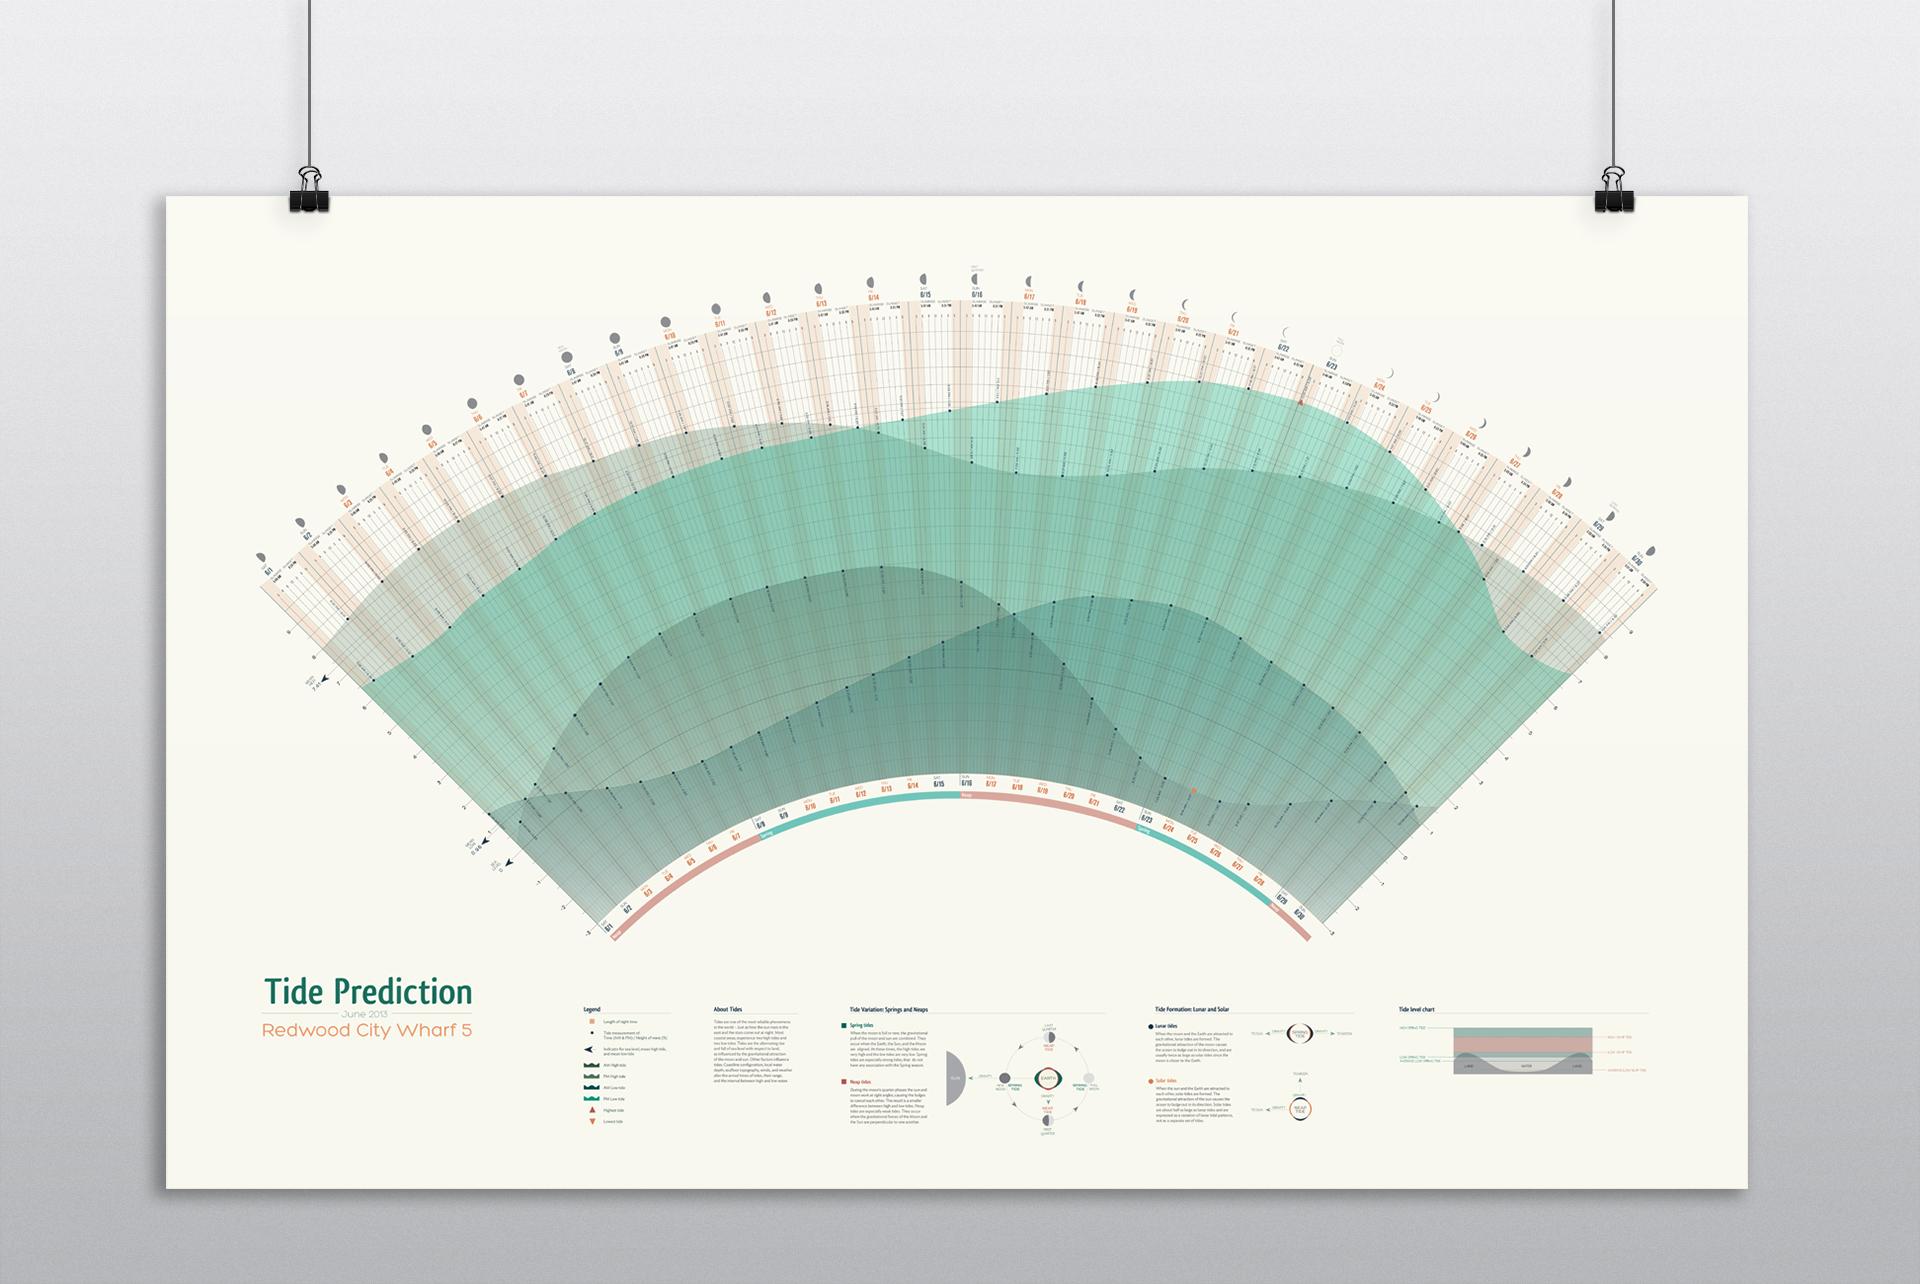 Joan_Ang_Tide_Prediction_Chart_Mockup.jpg